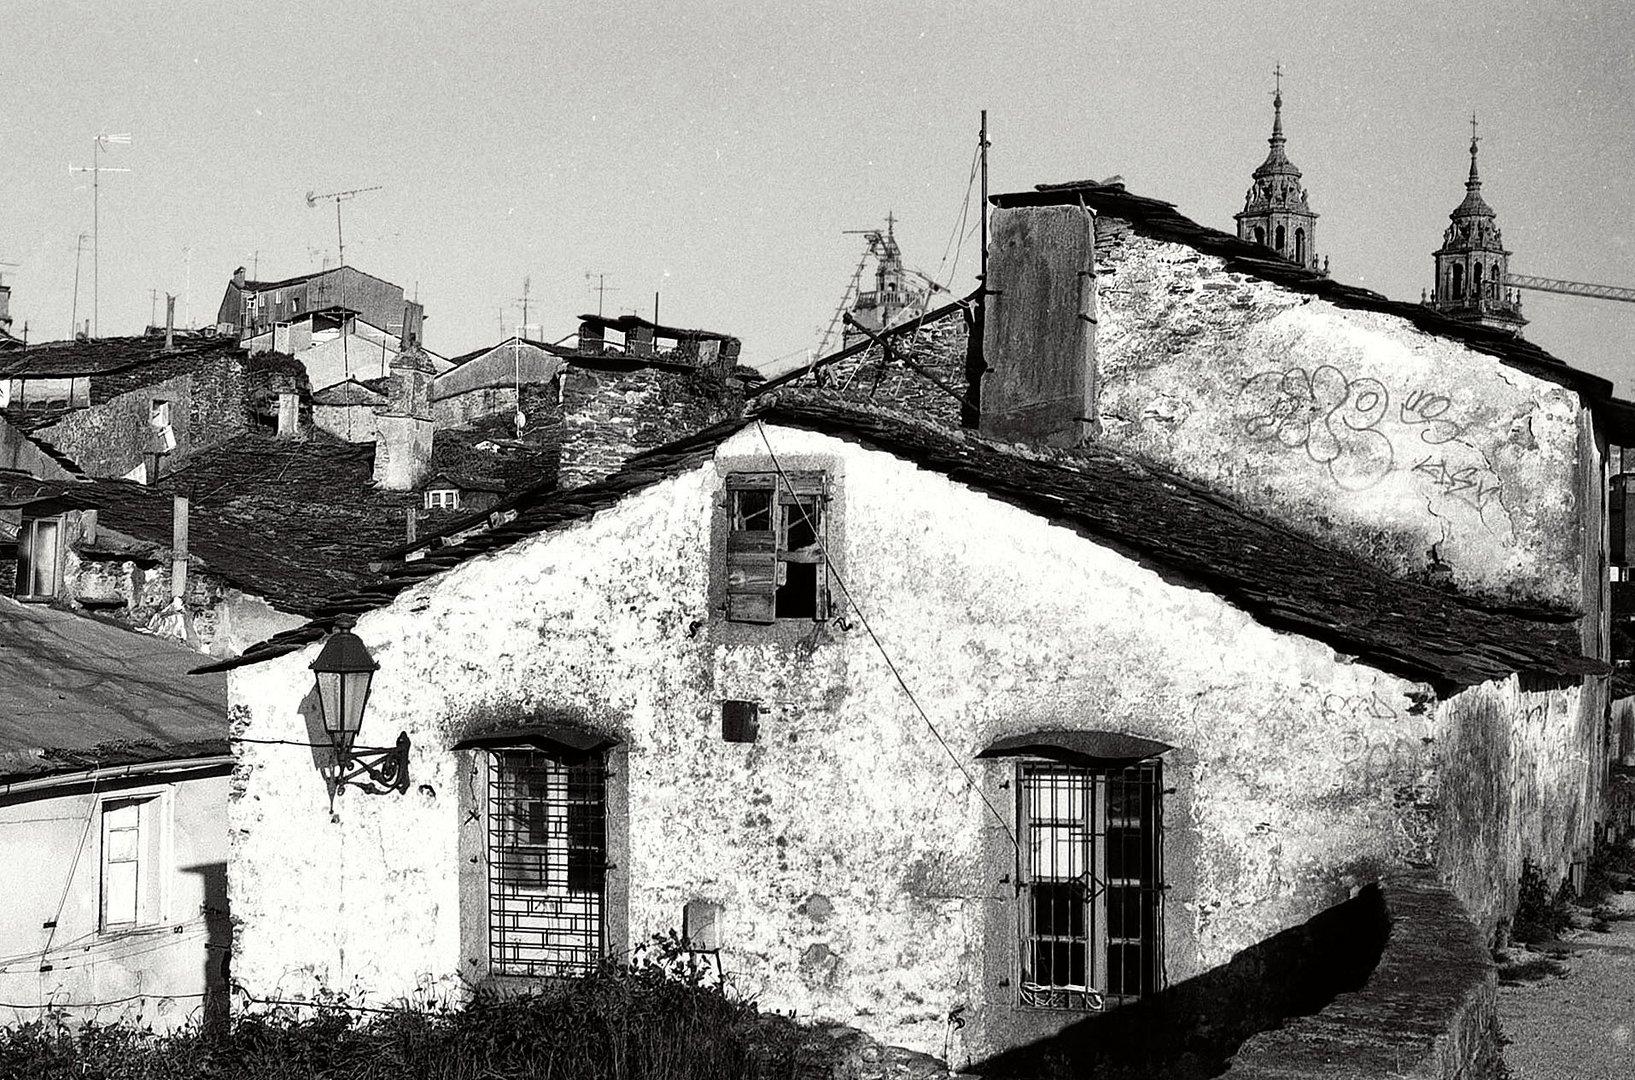 Año 1.980-VIEJAS CASAS (Desde la muralla lucense)